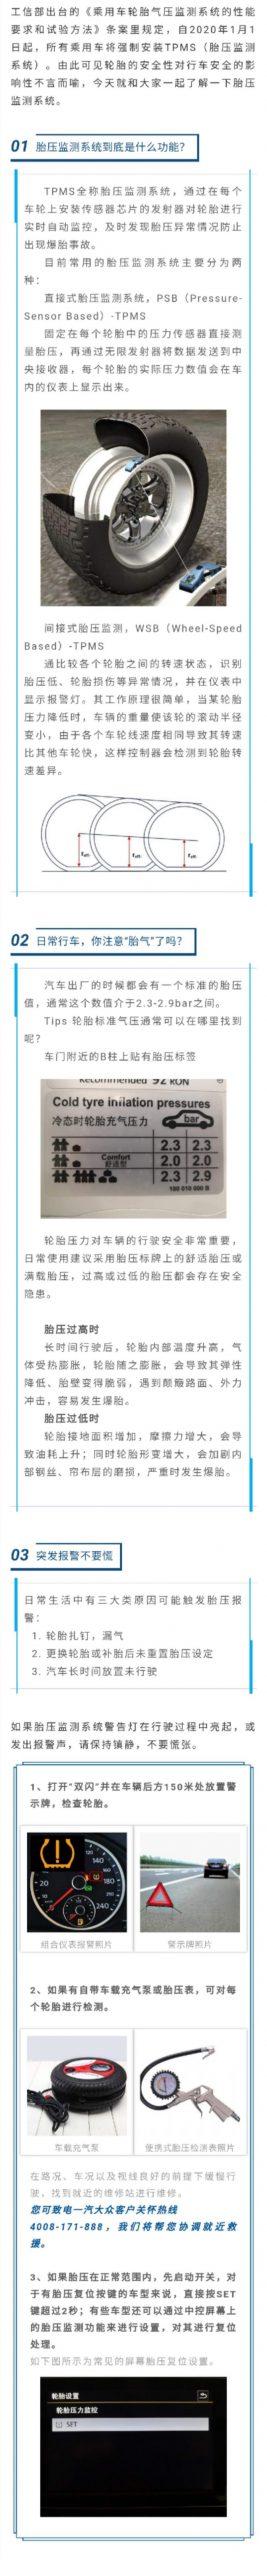 【长图】汽车胎压监测知多少?